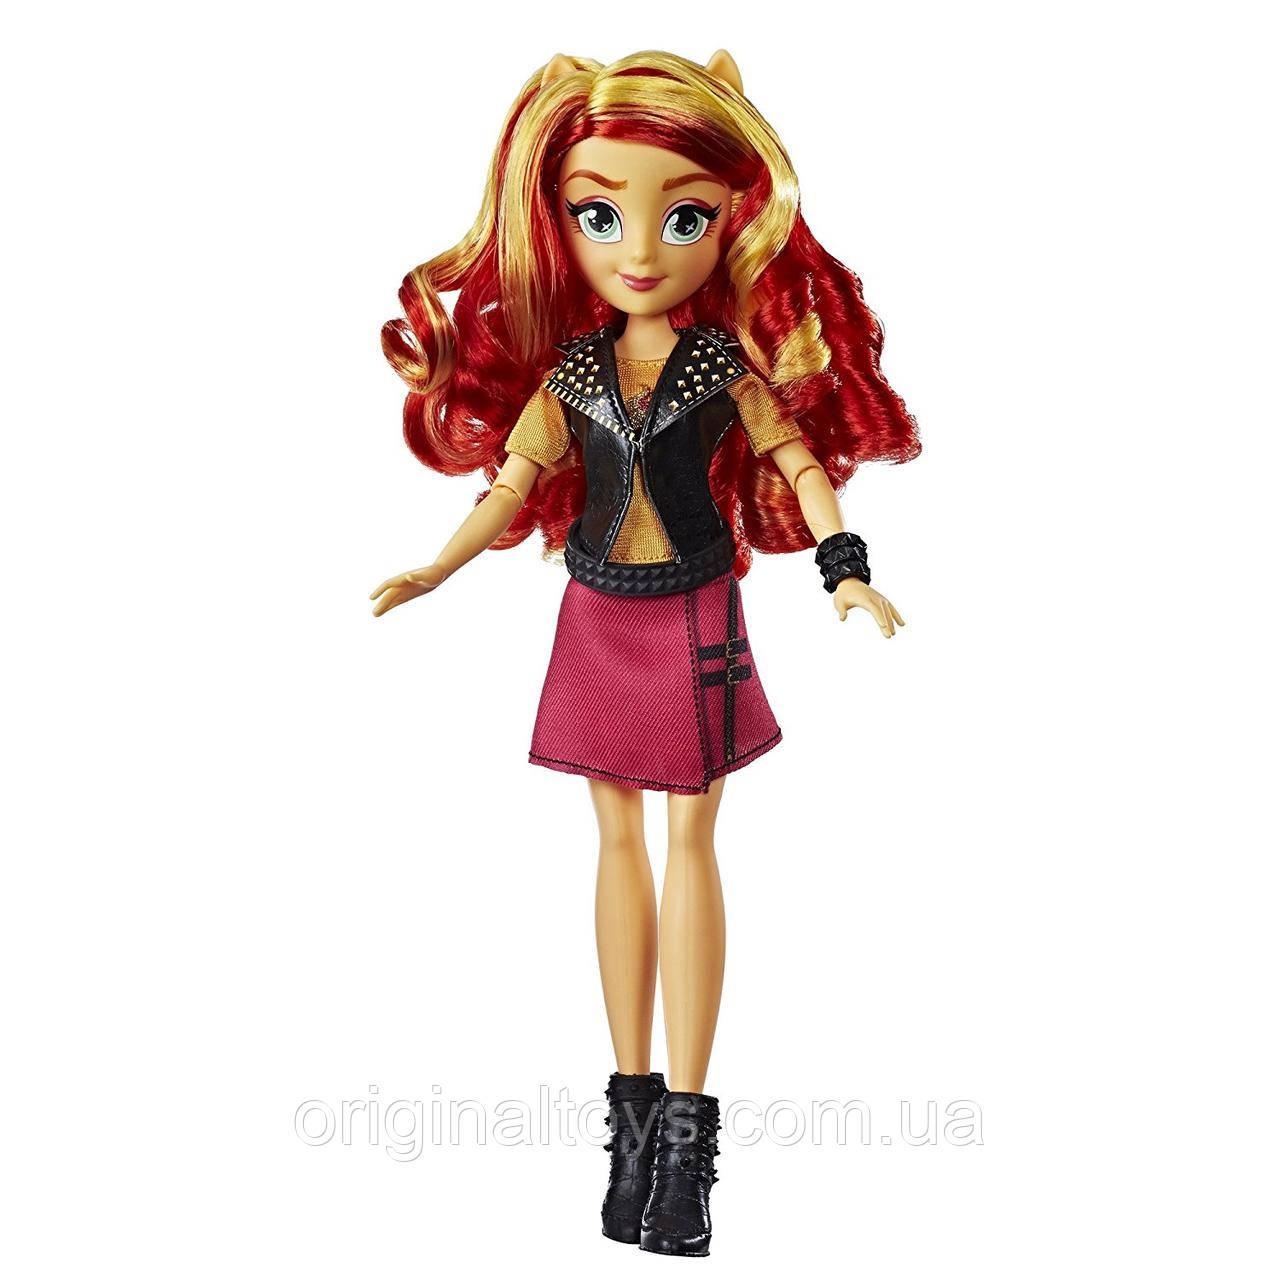 Кукла Сансет Шиммер Девушки Эквестрии My Little Pony Classic Style Hasbro E0631